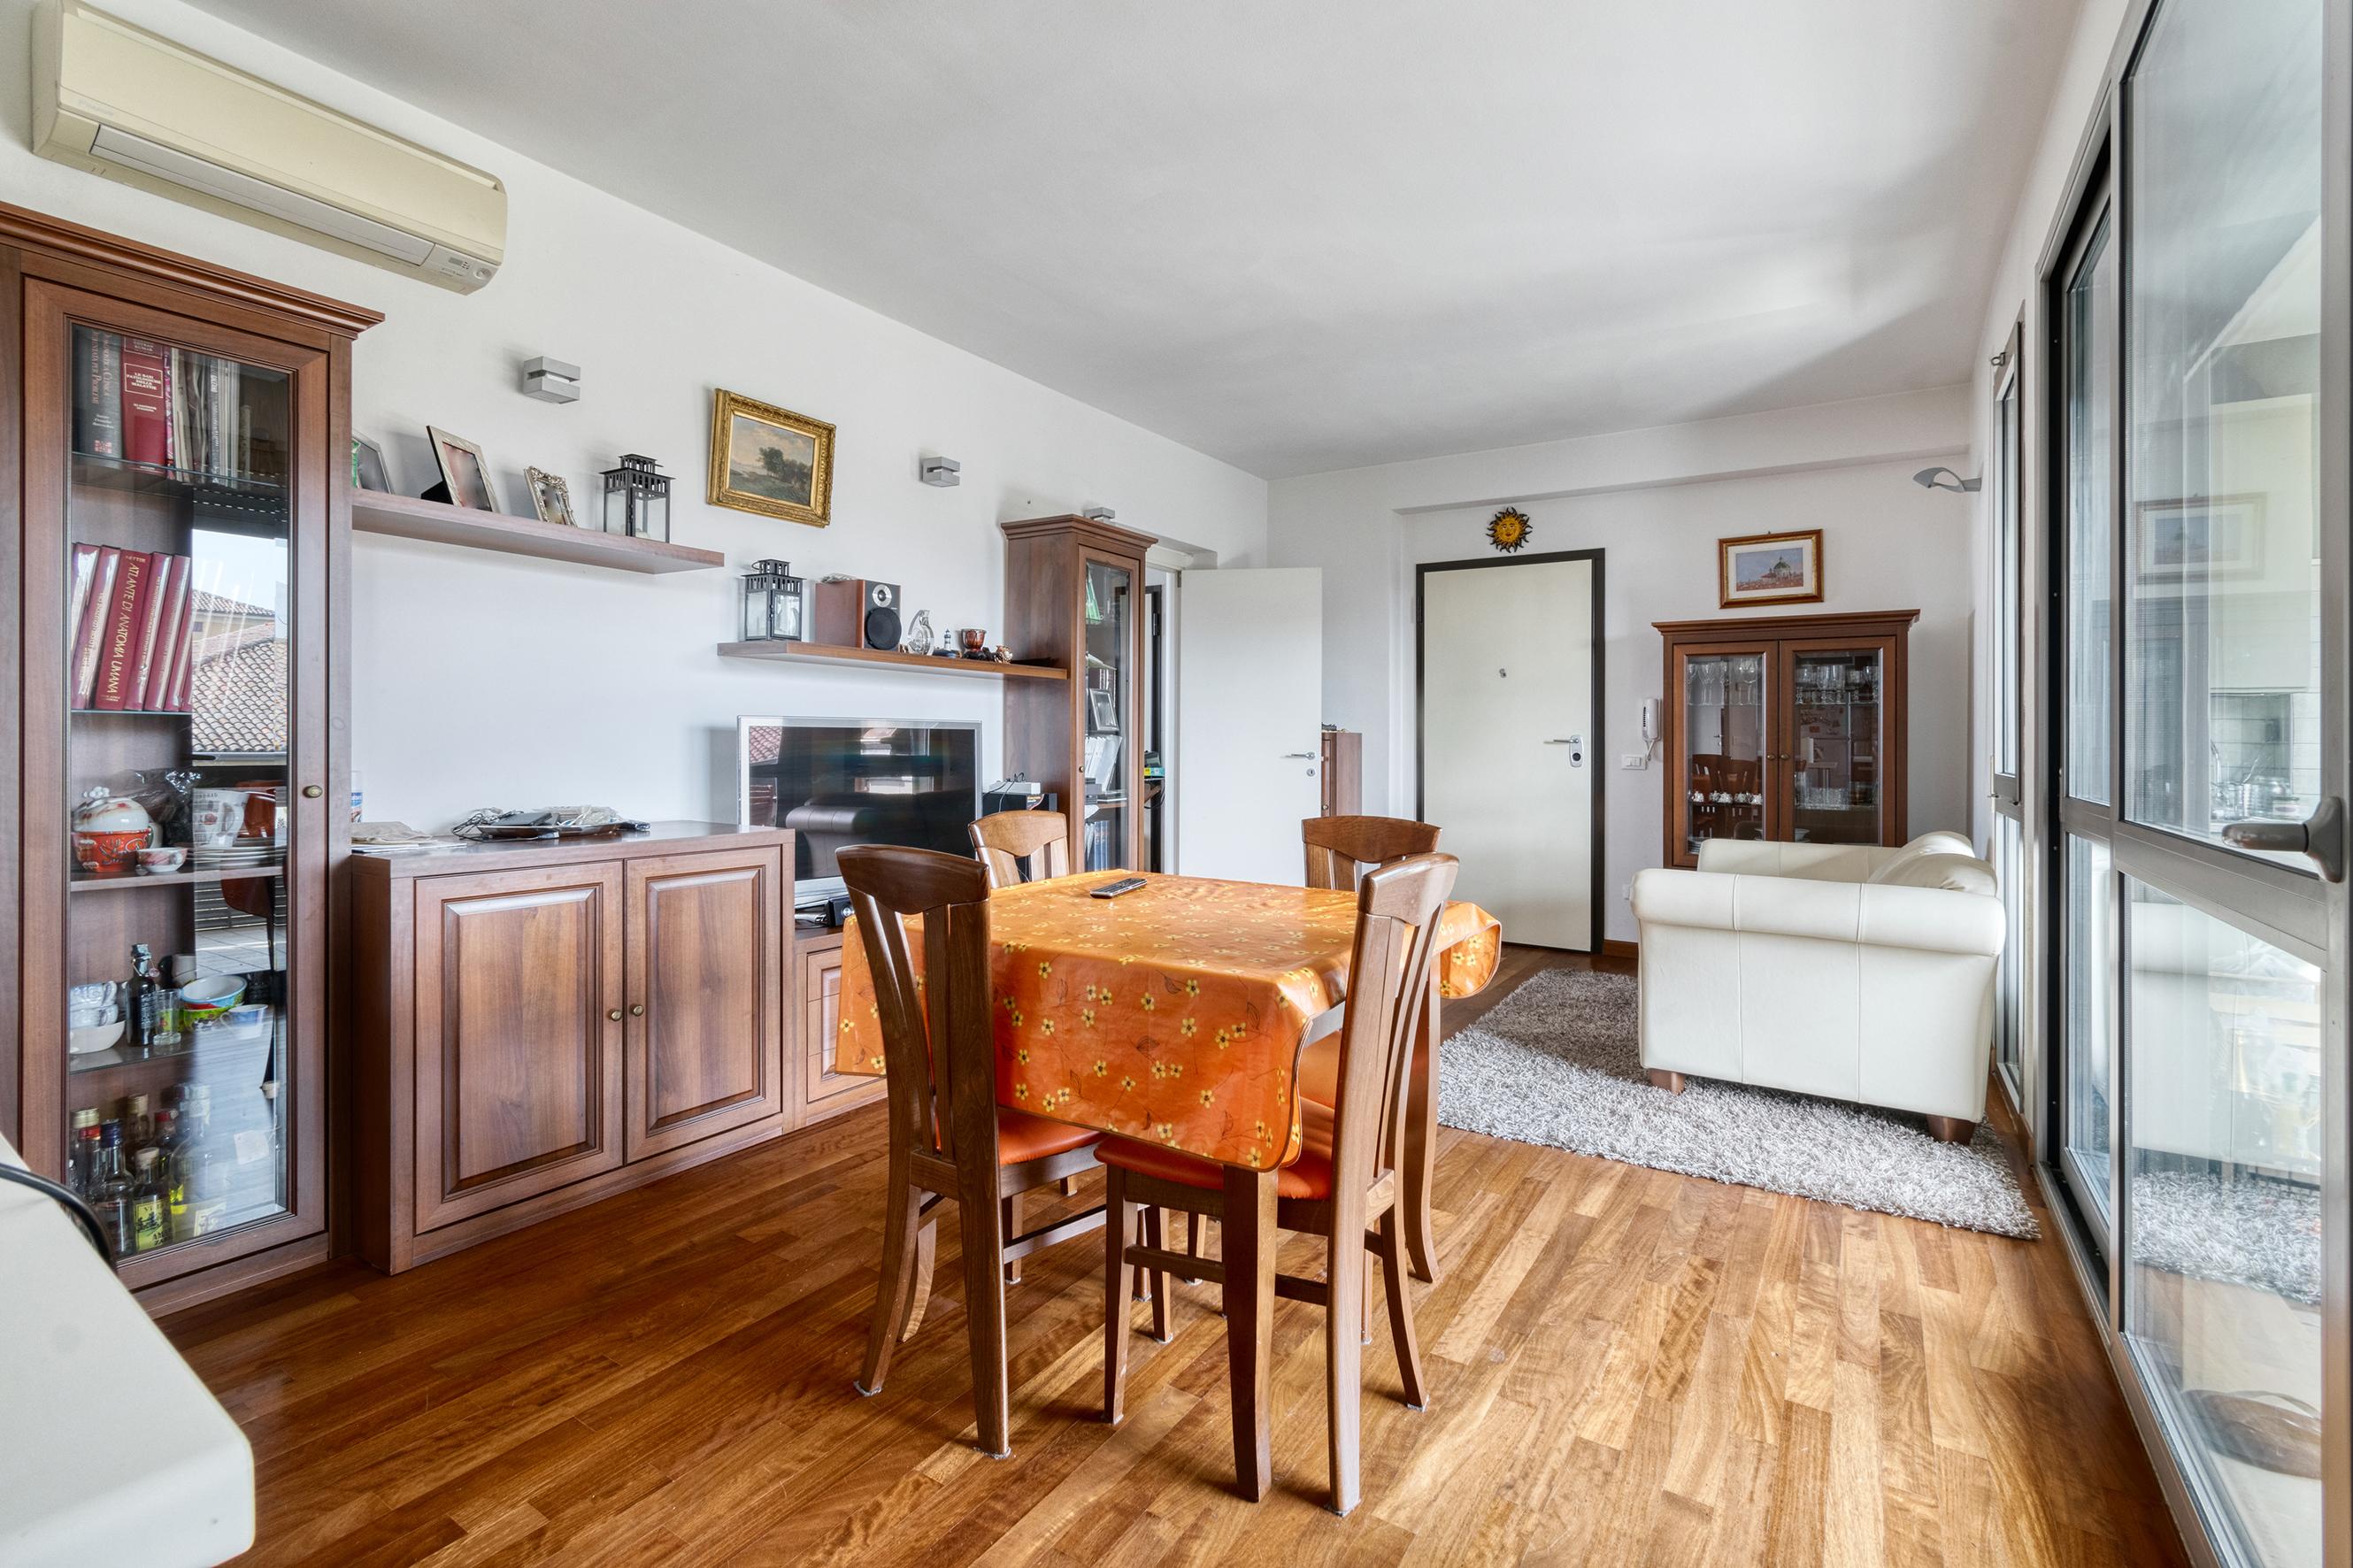 Appartamento in vendita Castel Guelfo 120 mq. con terrazzo e garage